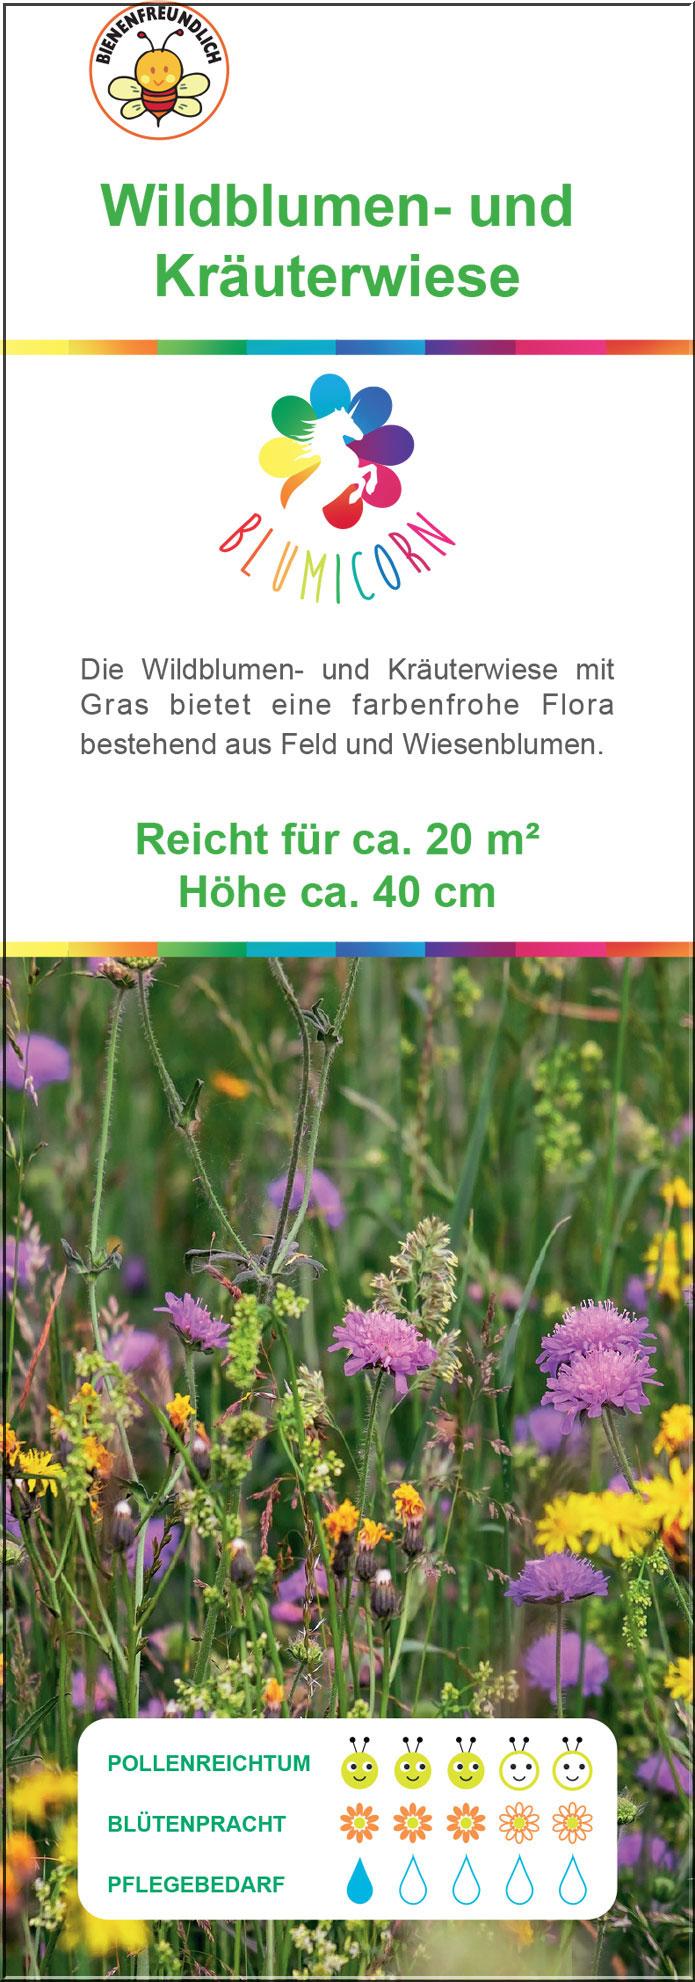 Wildblumen-und-Kräuterwiese